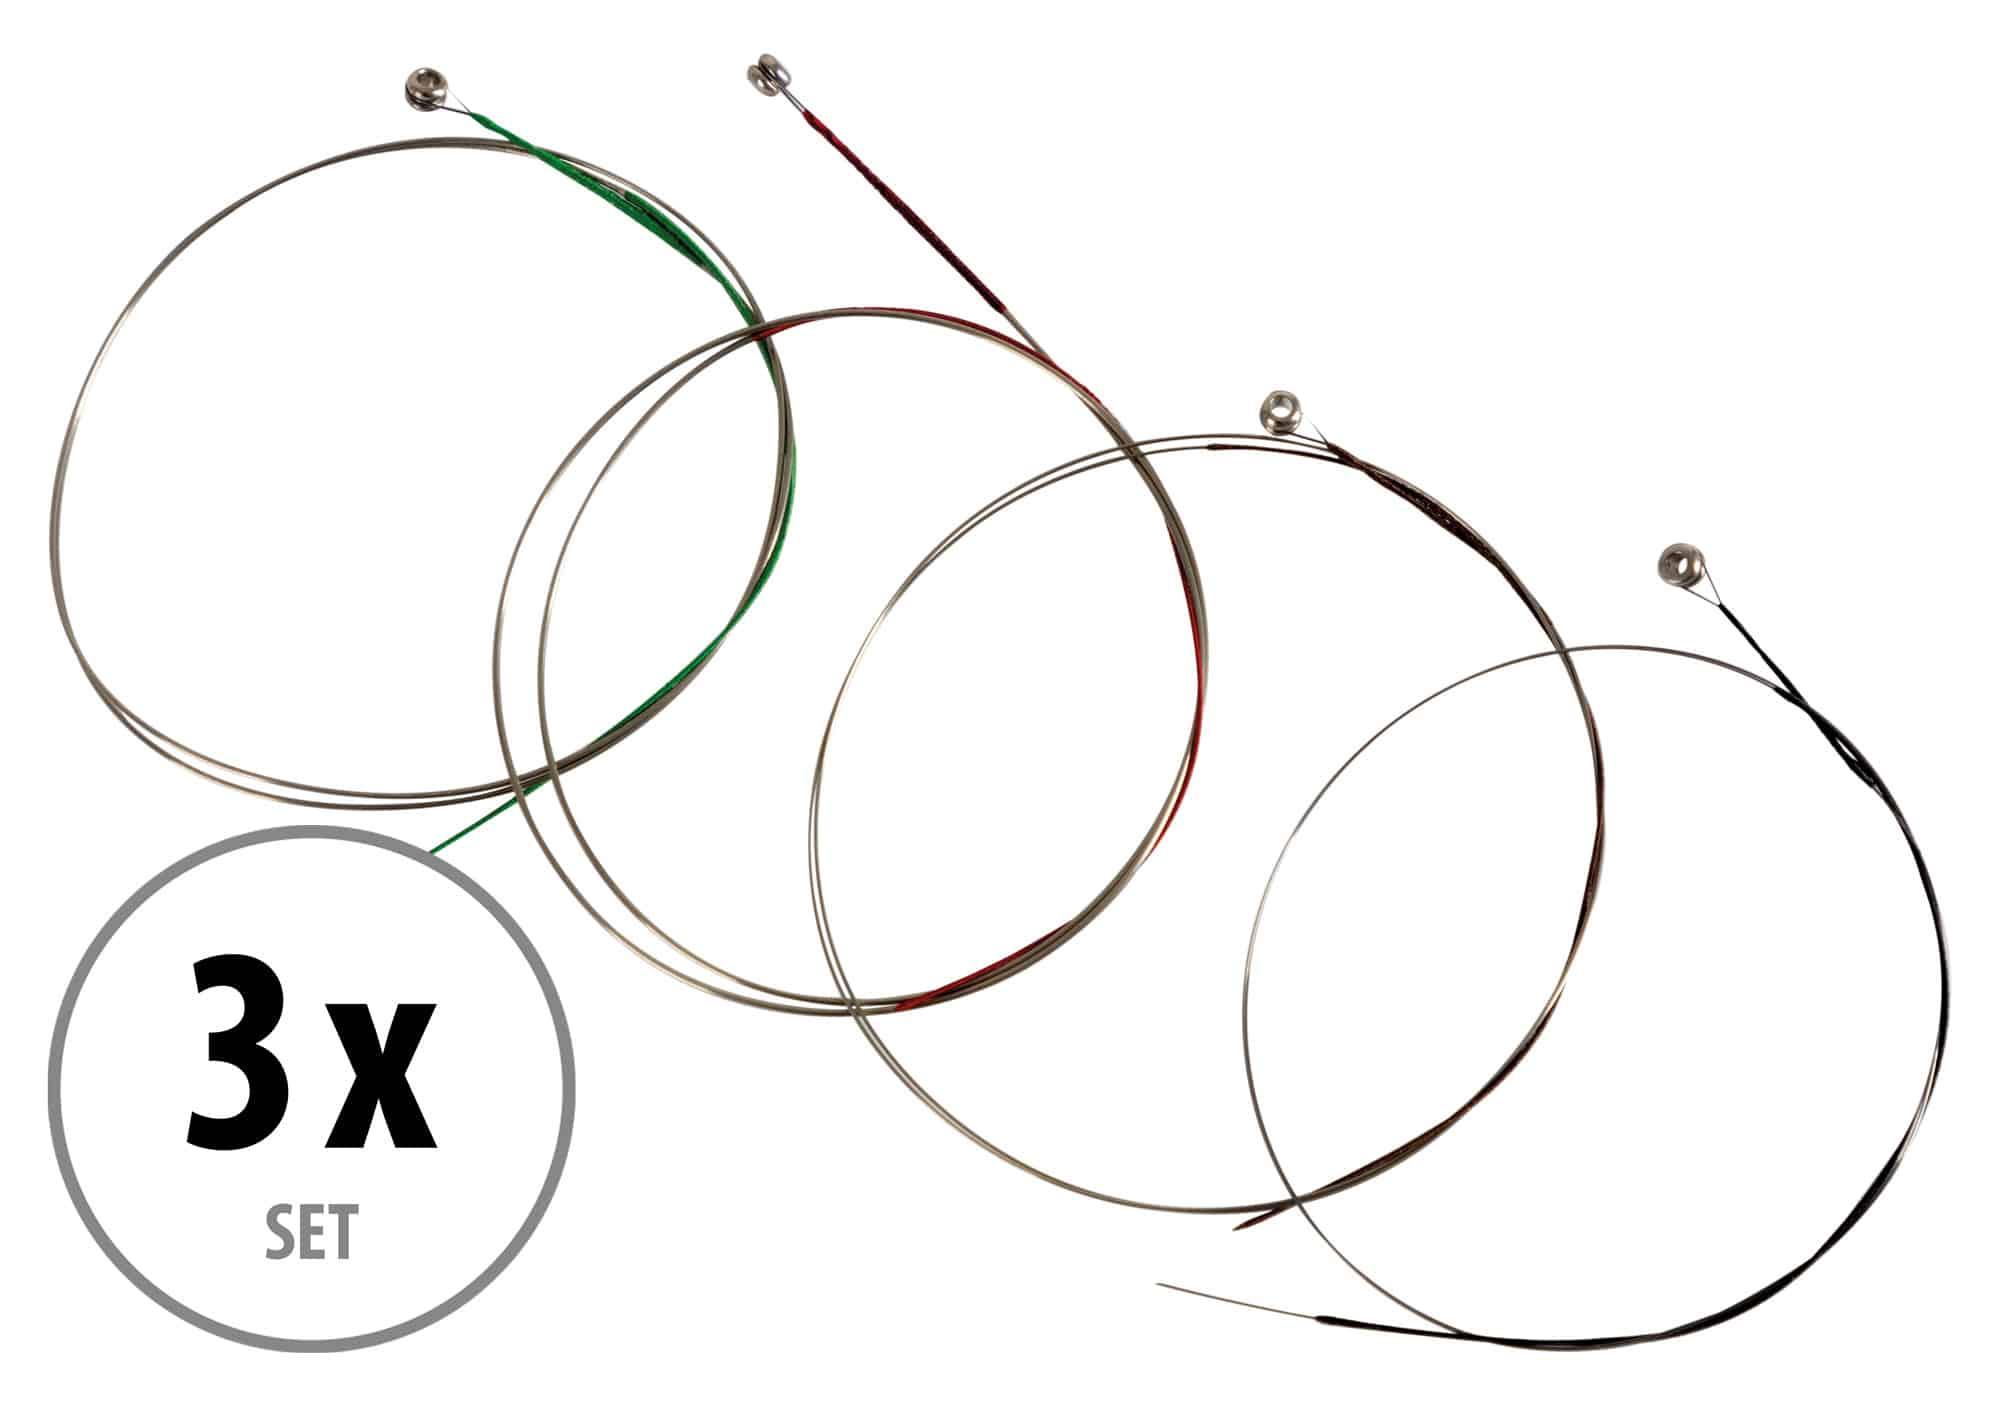 Classic Cantabile VL 34 Violinensaiten Satz 3|4 Set 3x